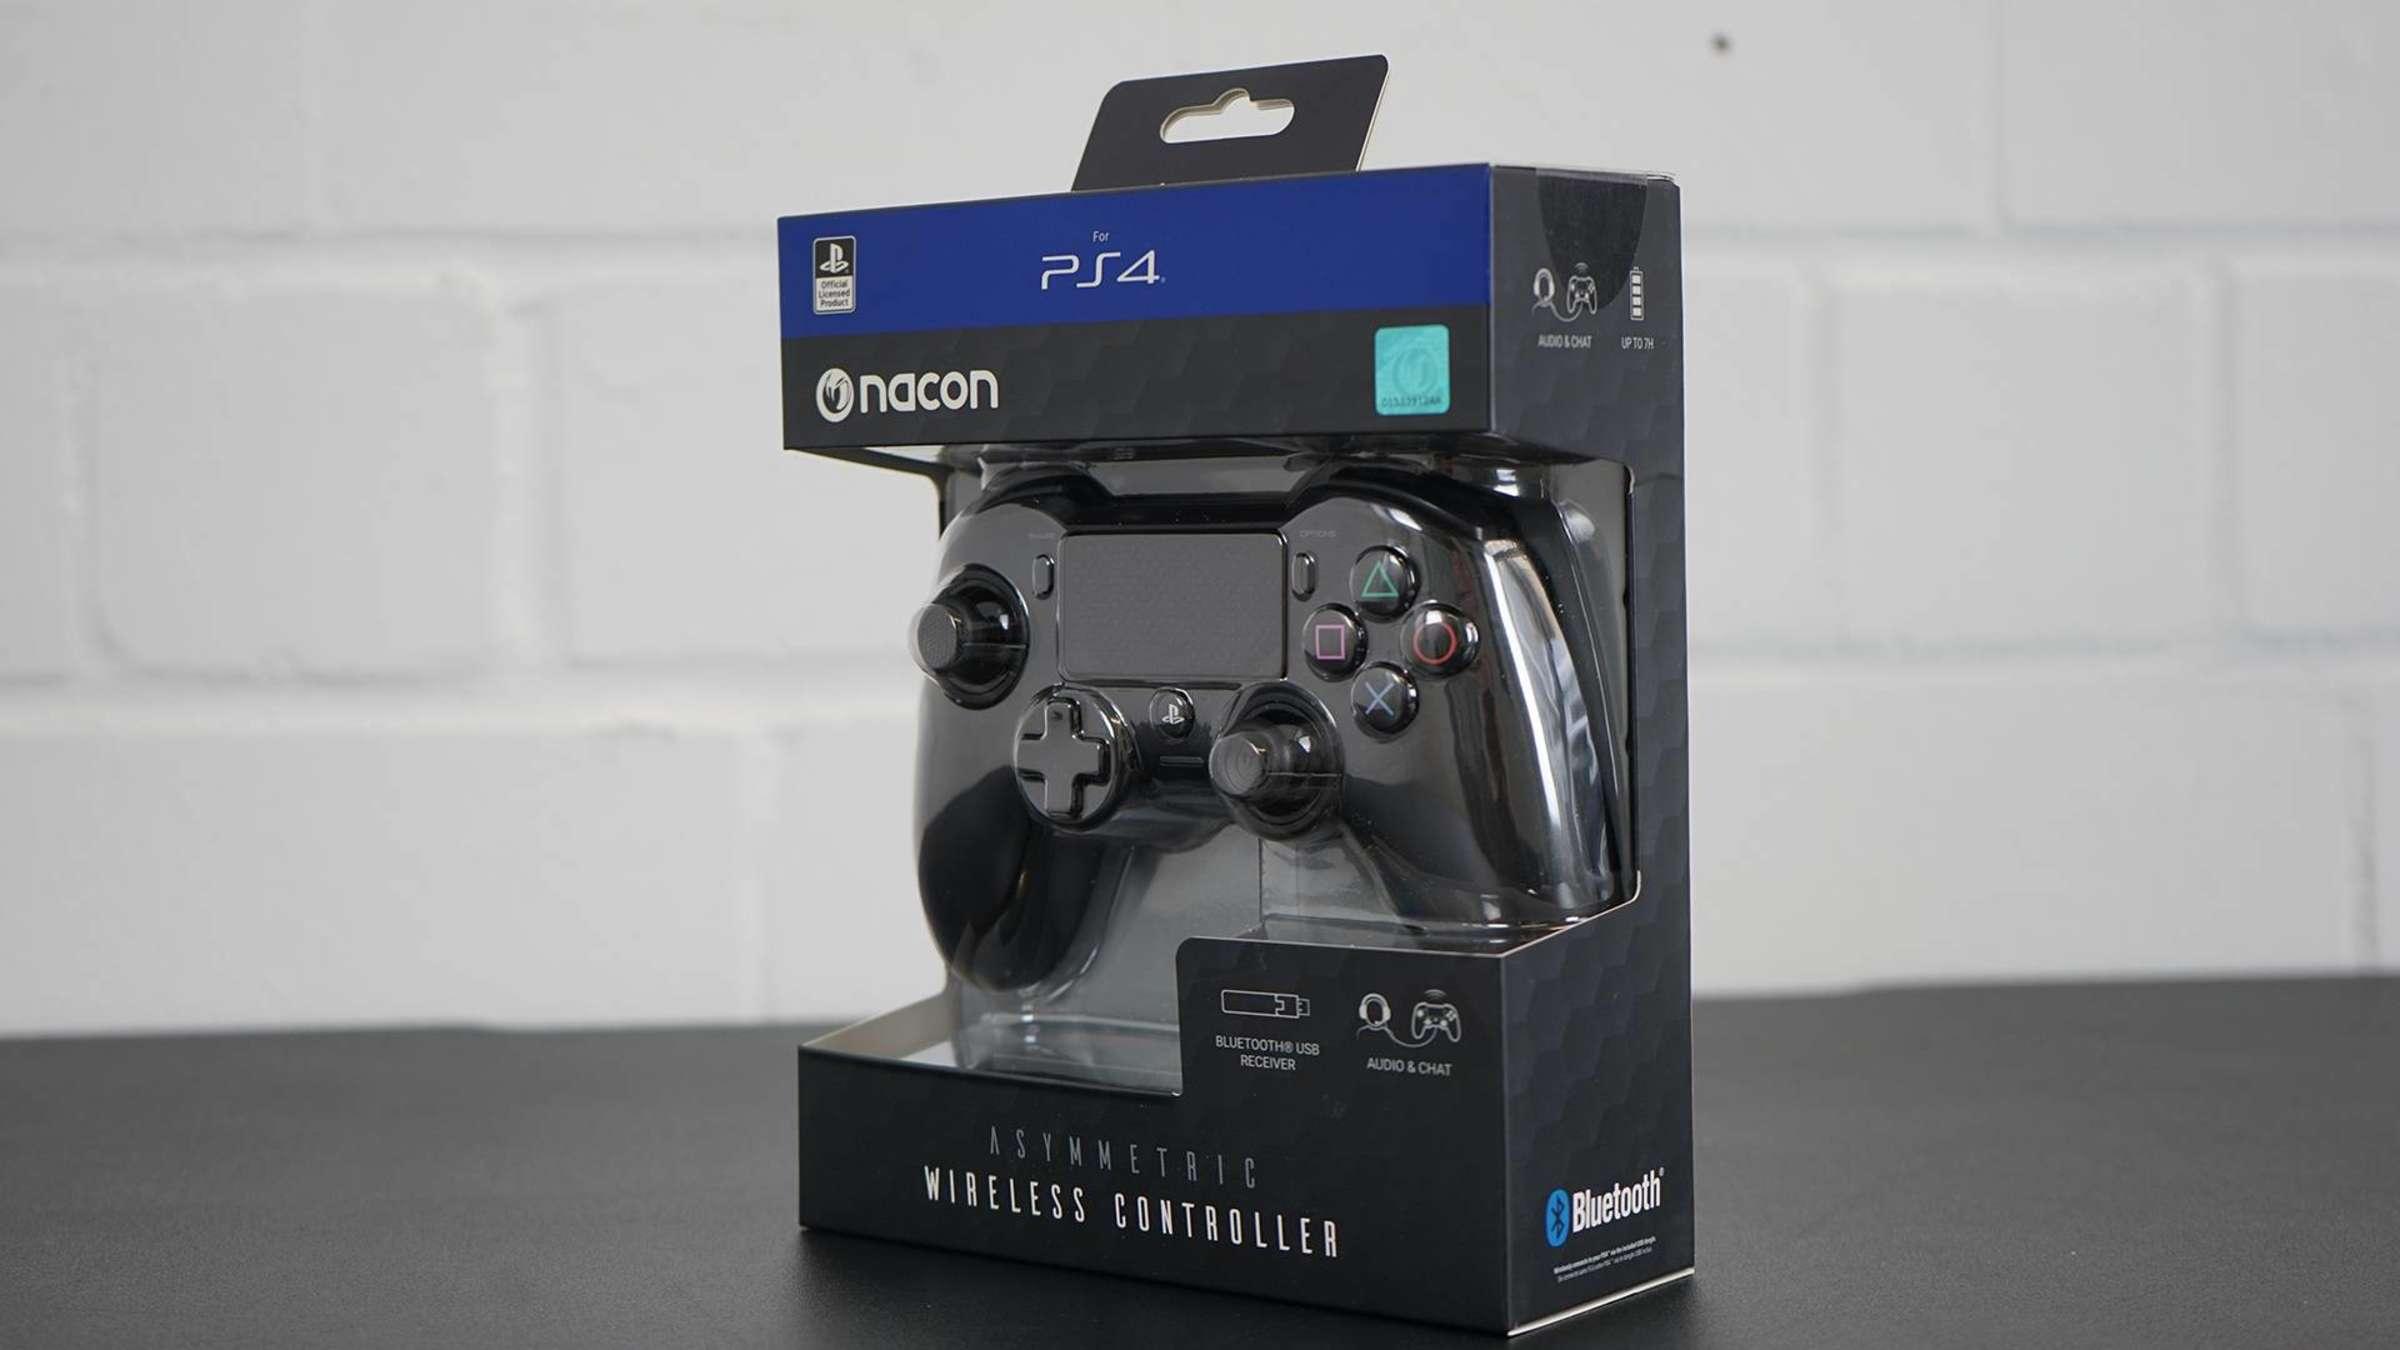 Nacon Asymmetric Wireless Controller PS4 im Test: Besser als der Dualshock  4?